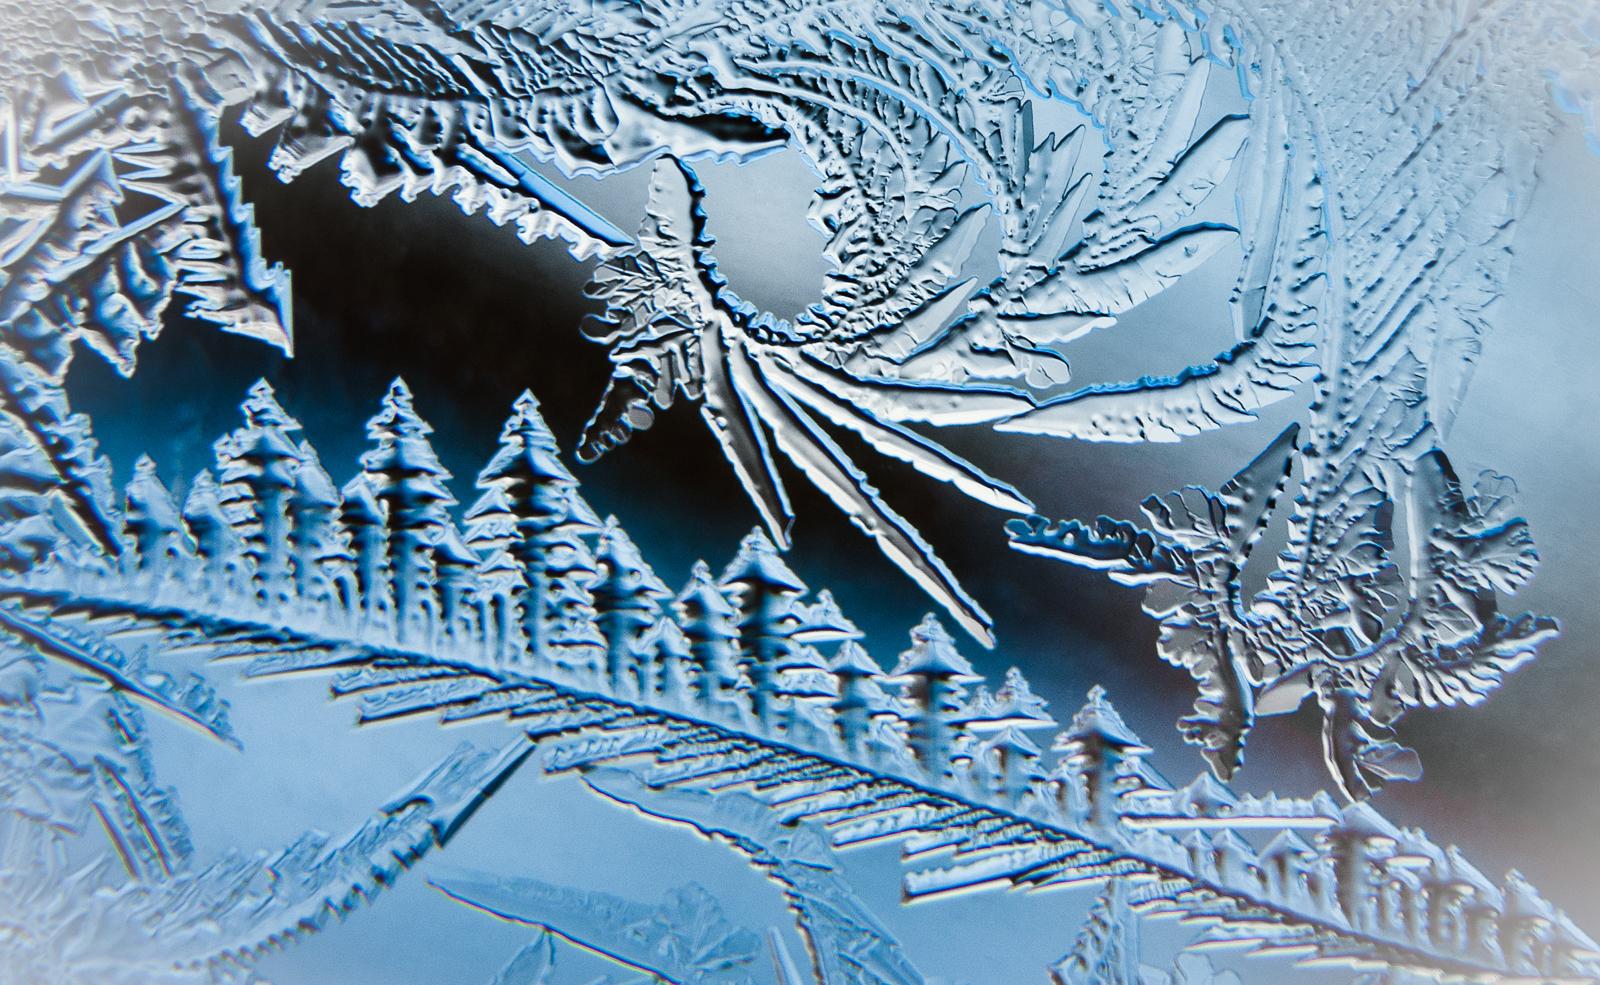 вязание, узоры морозные для открыток встречается гидромассажная ванна